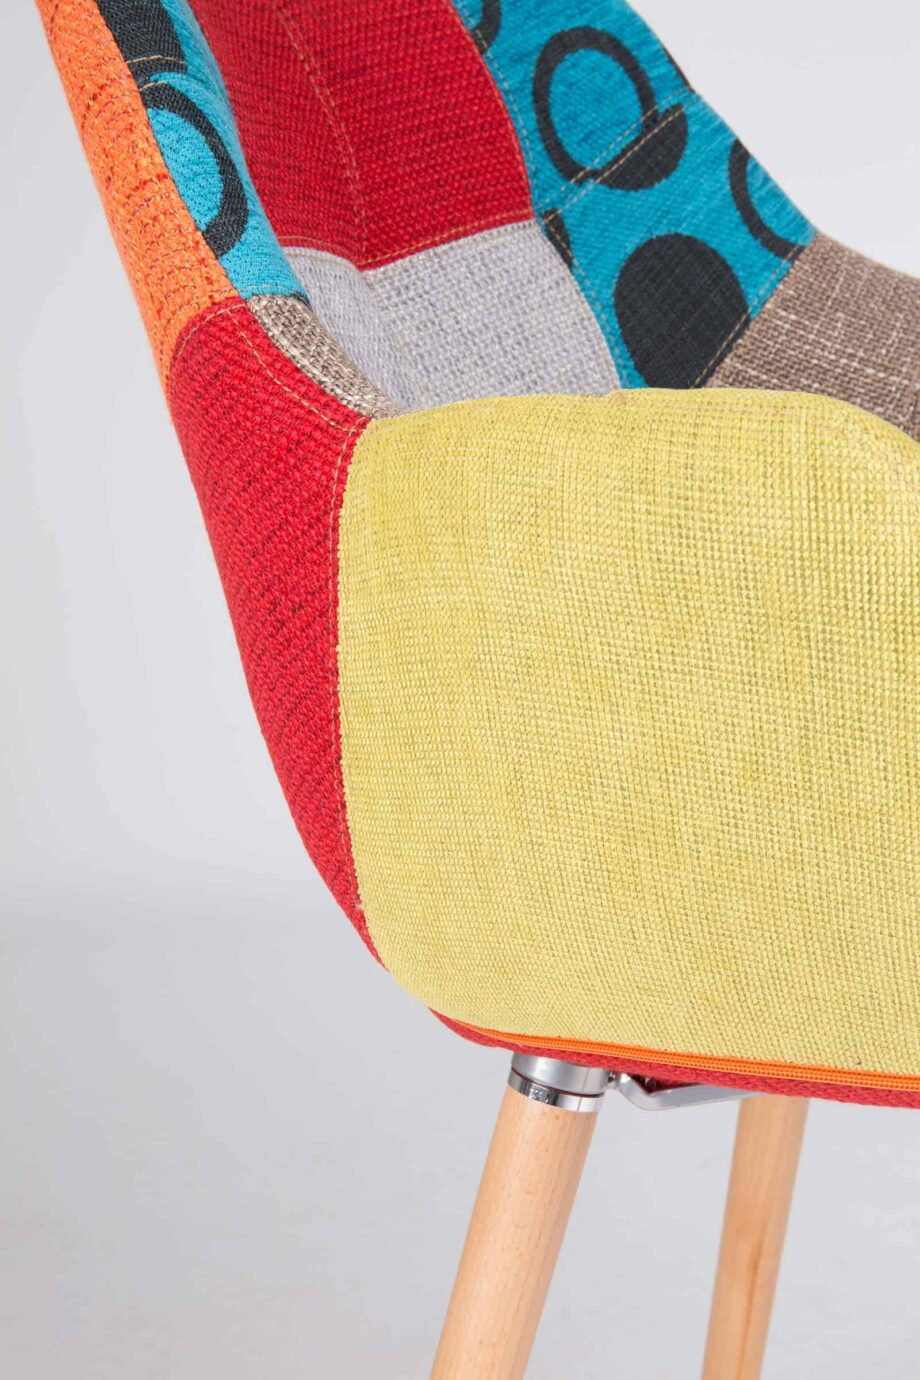 Twelve fauteuil Zuiver gekleurd